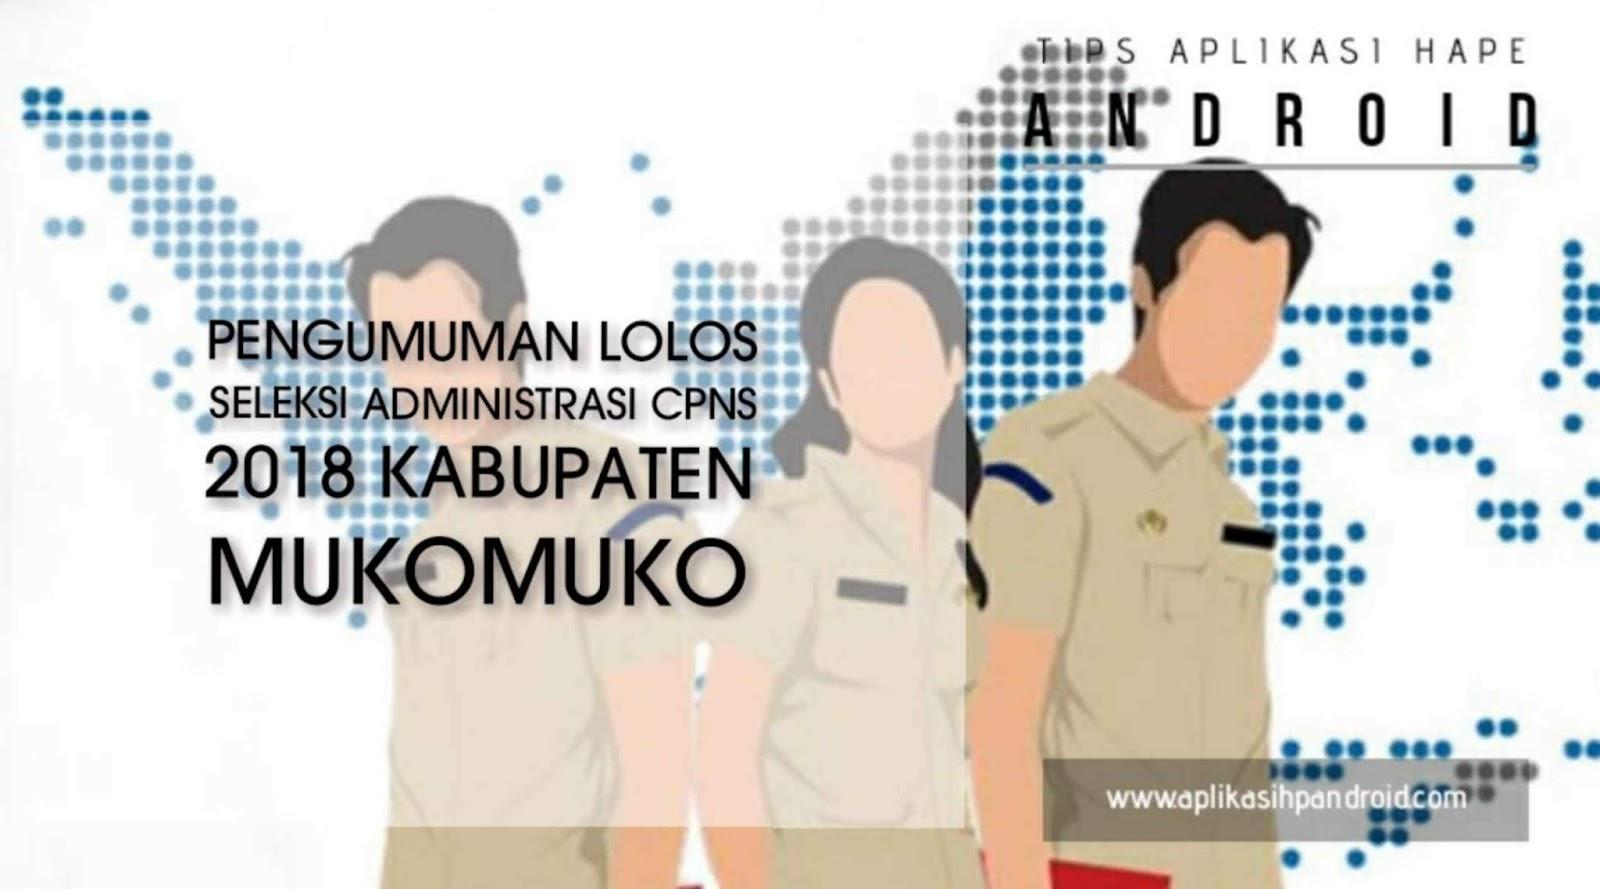 Pengumuman Lolos Seleksi Administrasi CPNS 2018 Kabupaten Mukomuko